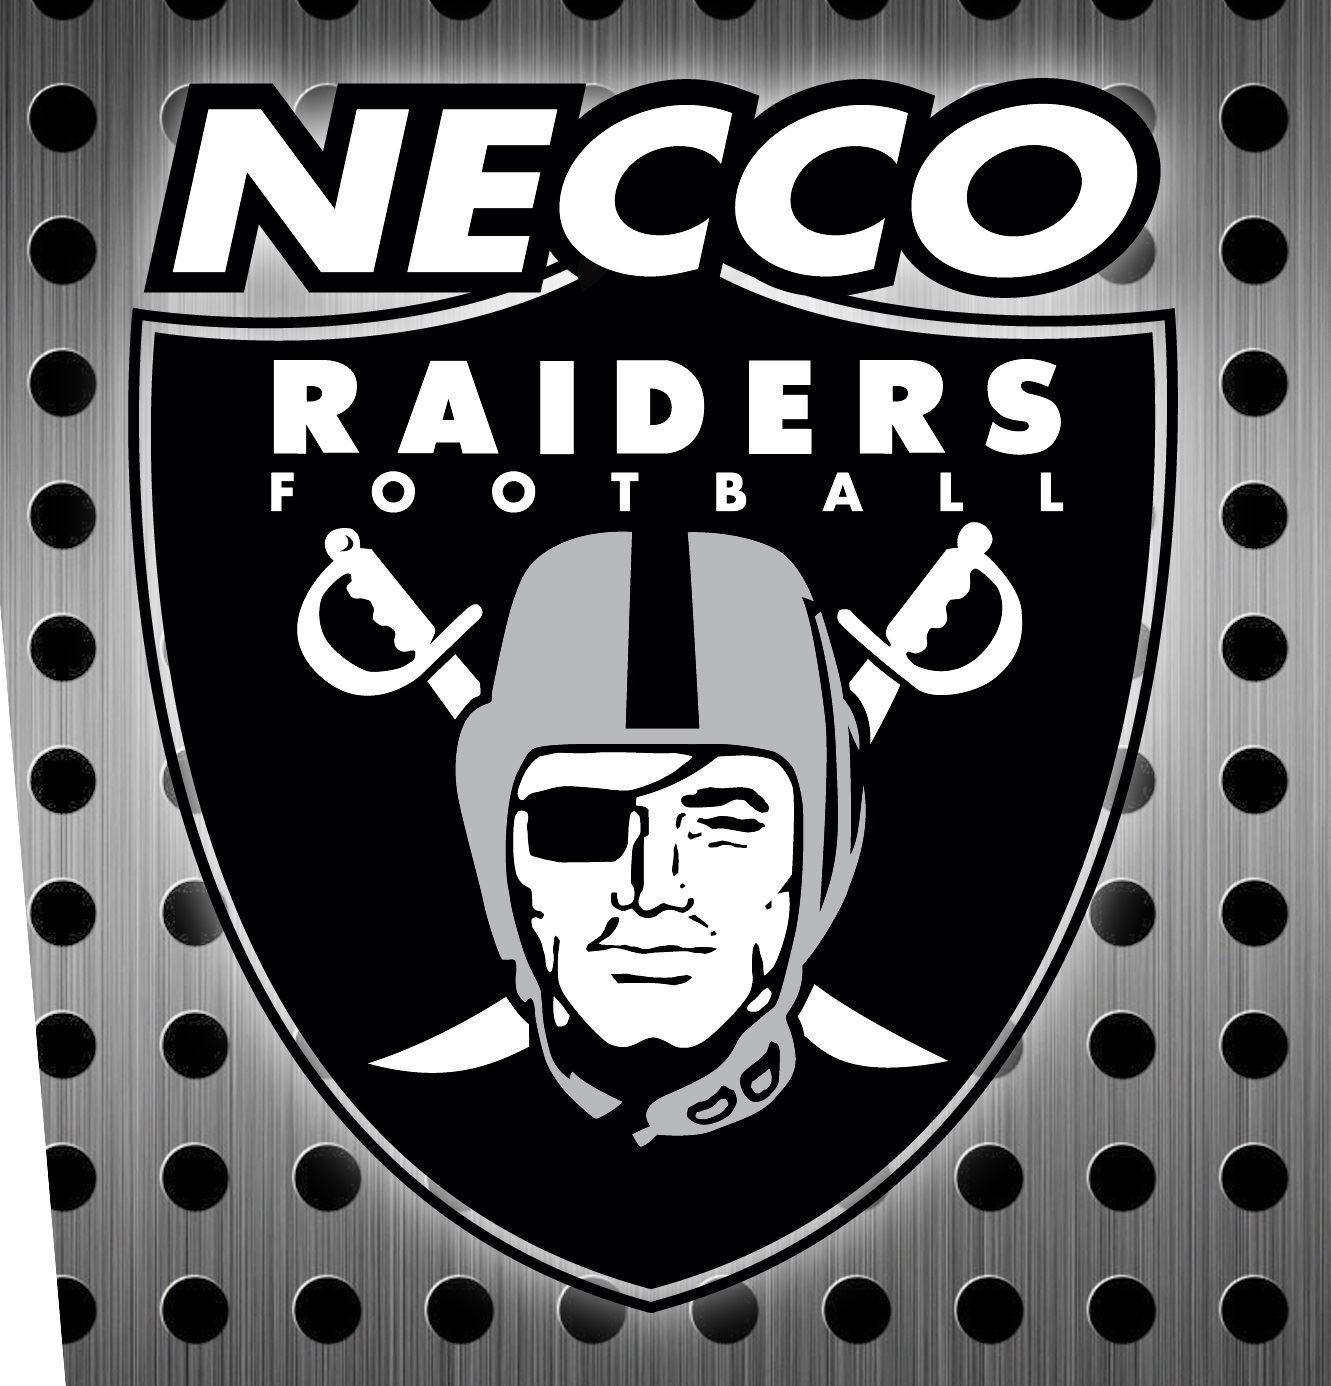 CUSHMO DESIGNS - Necco Raiders 3rd/4th